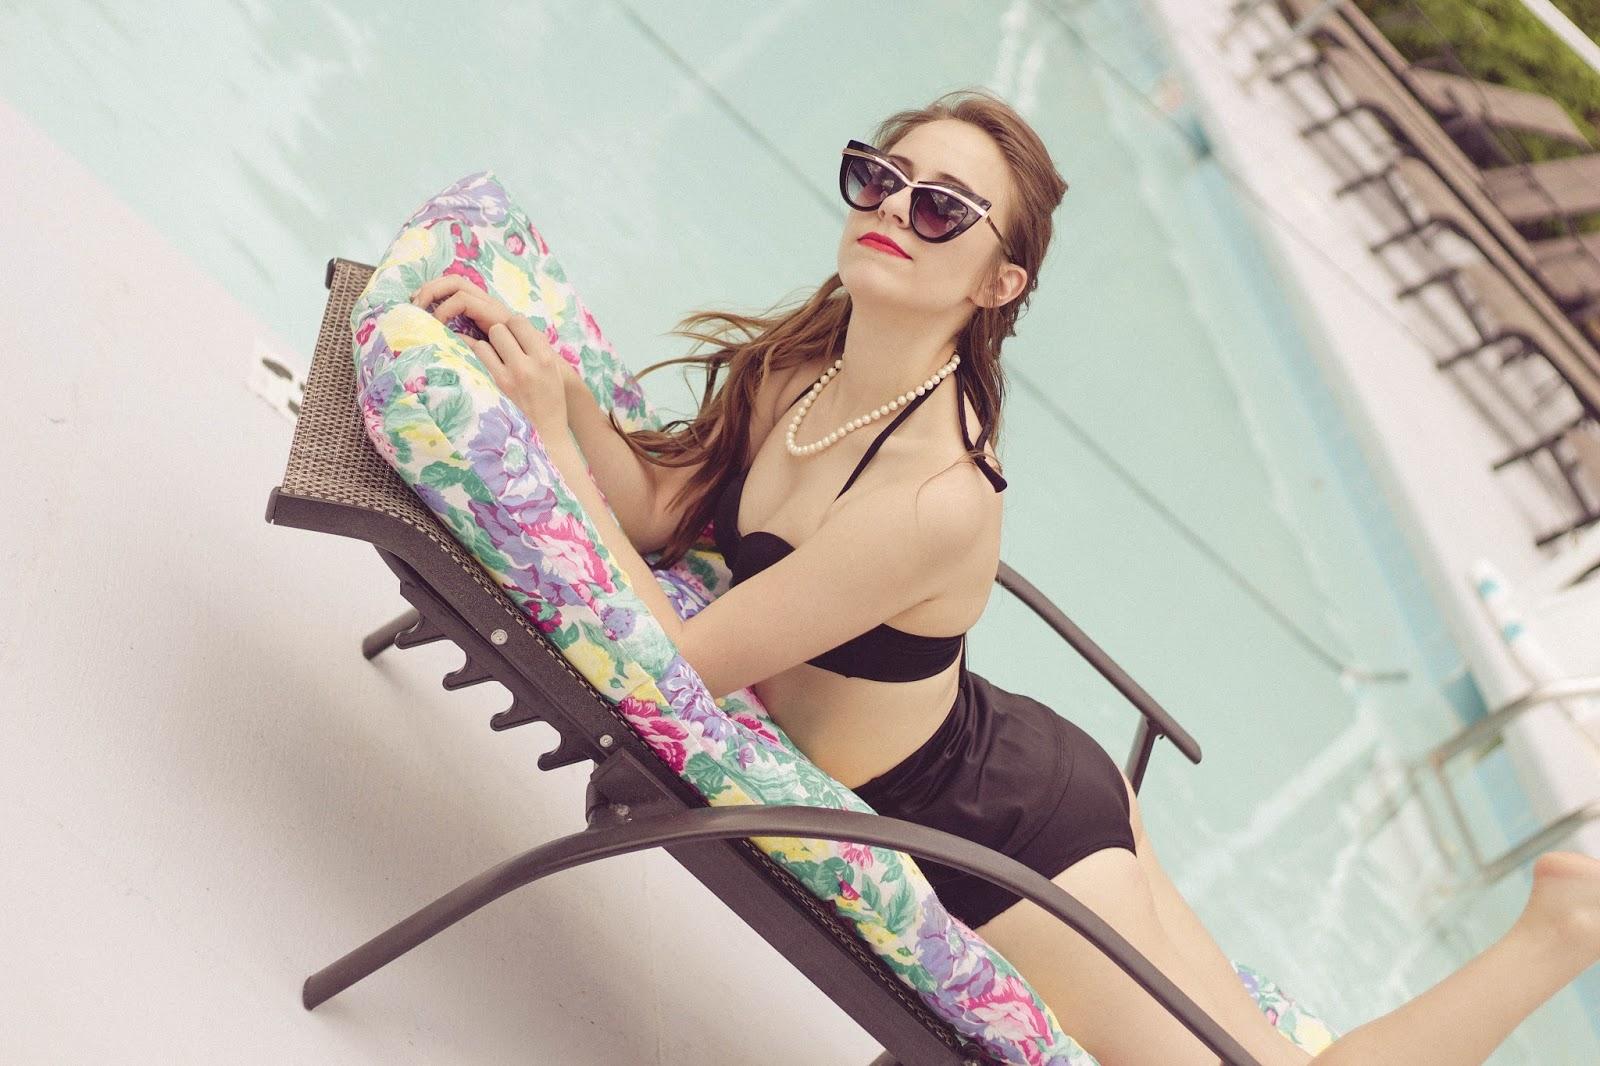 retro, style, fashion blogger, high waist bathing suit, vintage, retro bathing suit, vintage bathing suit, taylor swift style, glamorous, old hollywood, 1950s style, 1960's stye, fashion blogger, film blogger, cat eye sunglasses, asos,